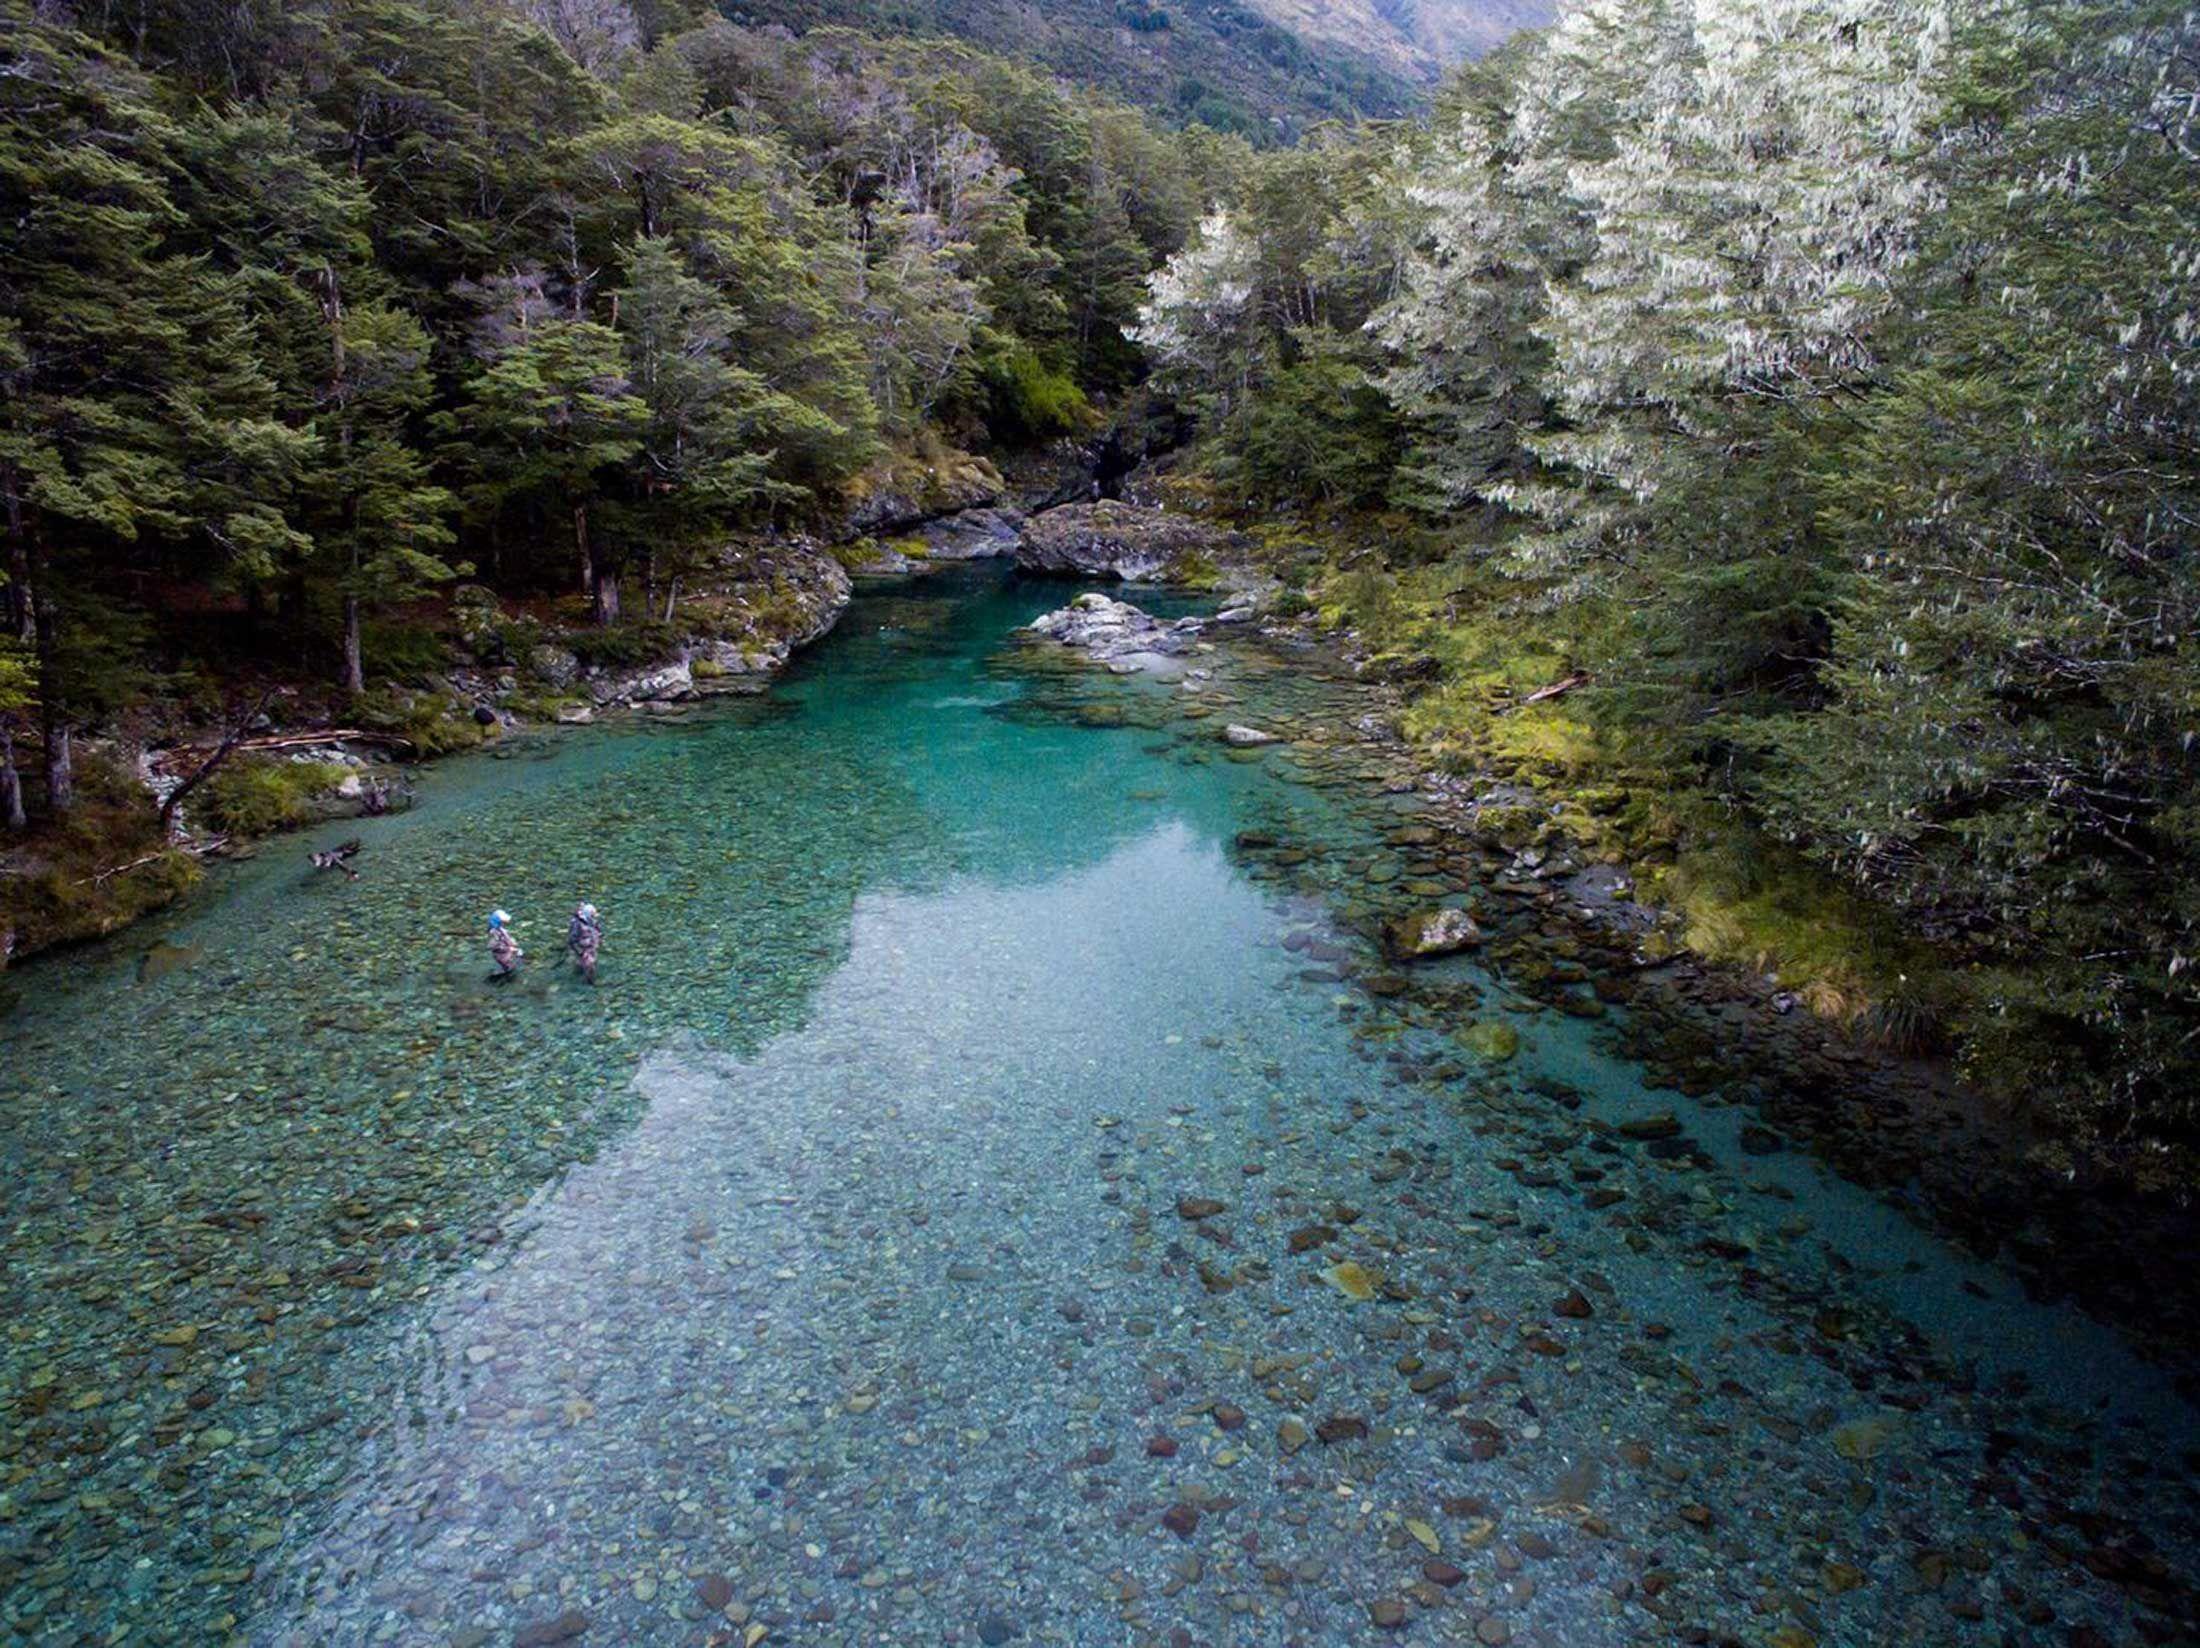 Beautiful River Fishing Trip